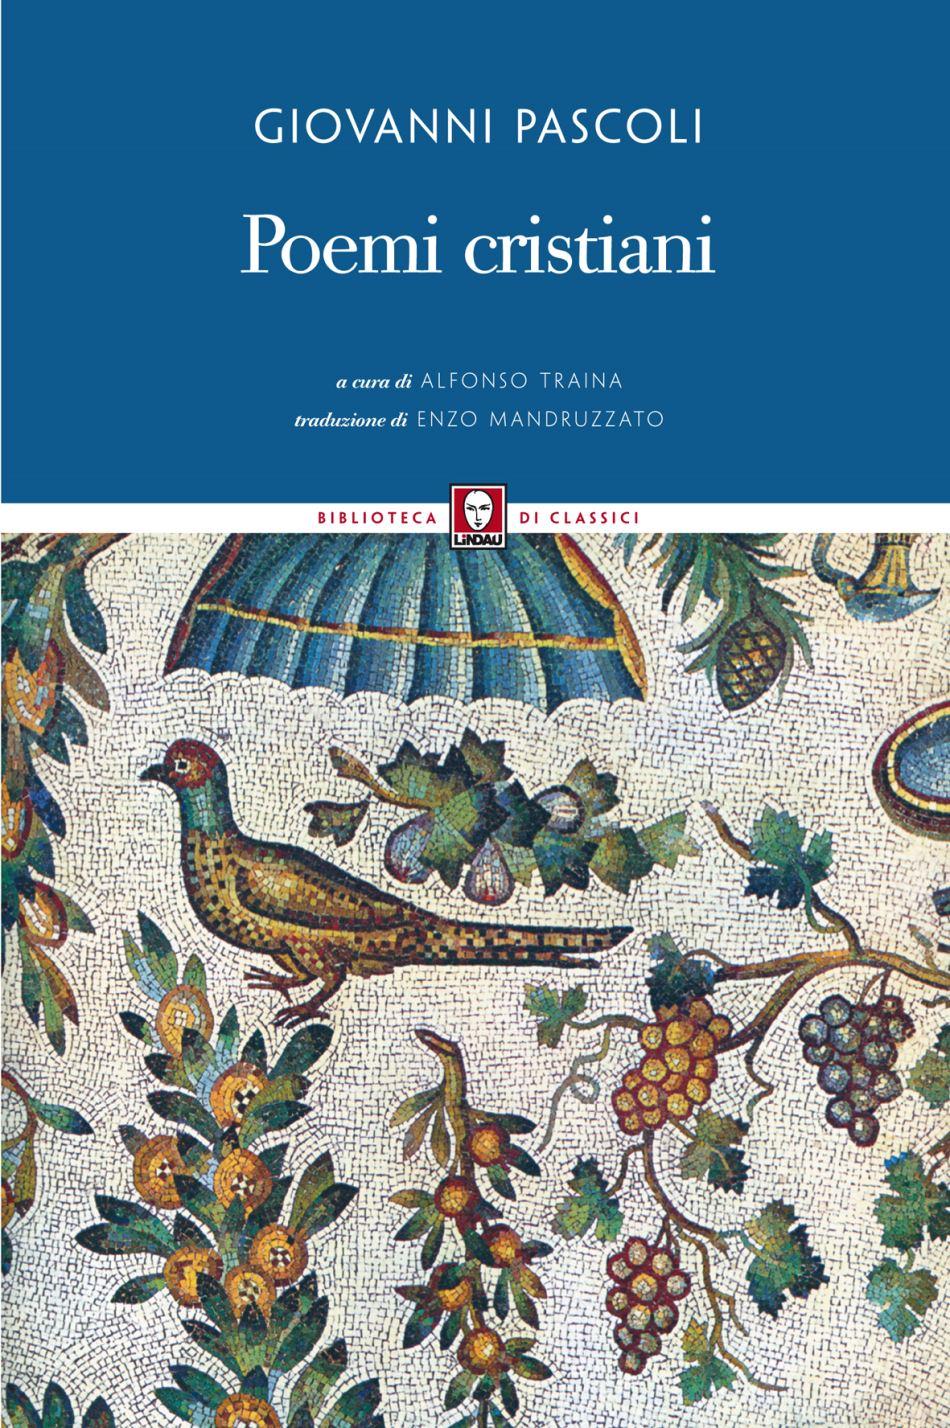 Poemi cristiani alfonso traina enzo mandruzzato lindau for Vero cibo e il tuo corpo testo